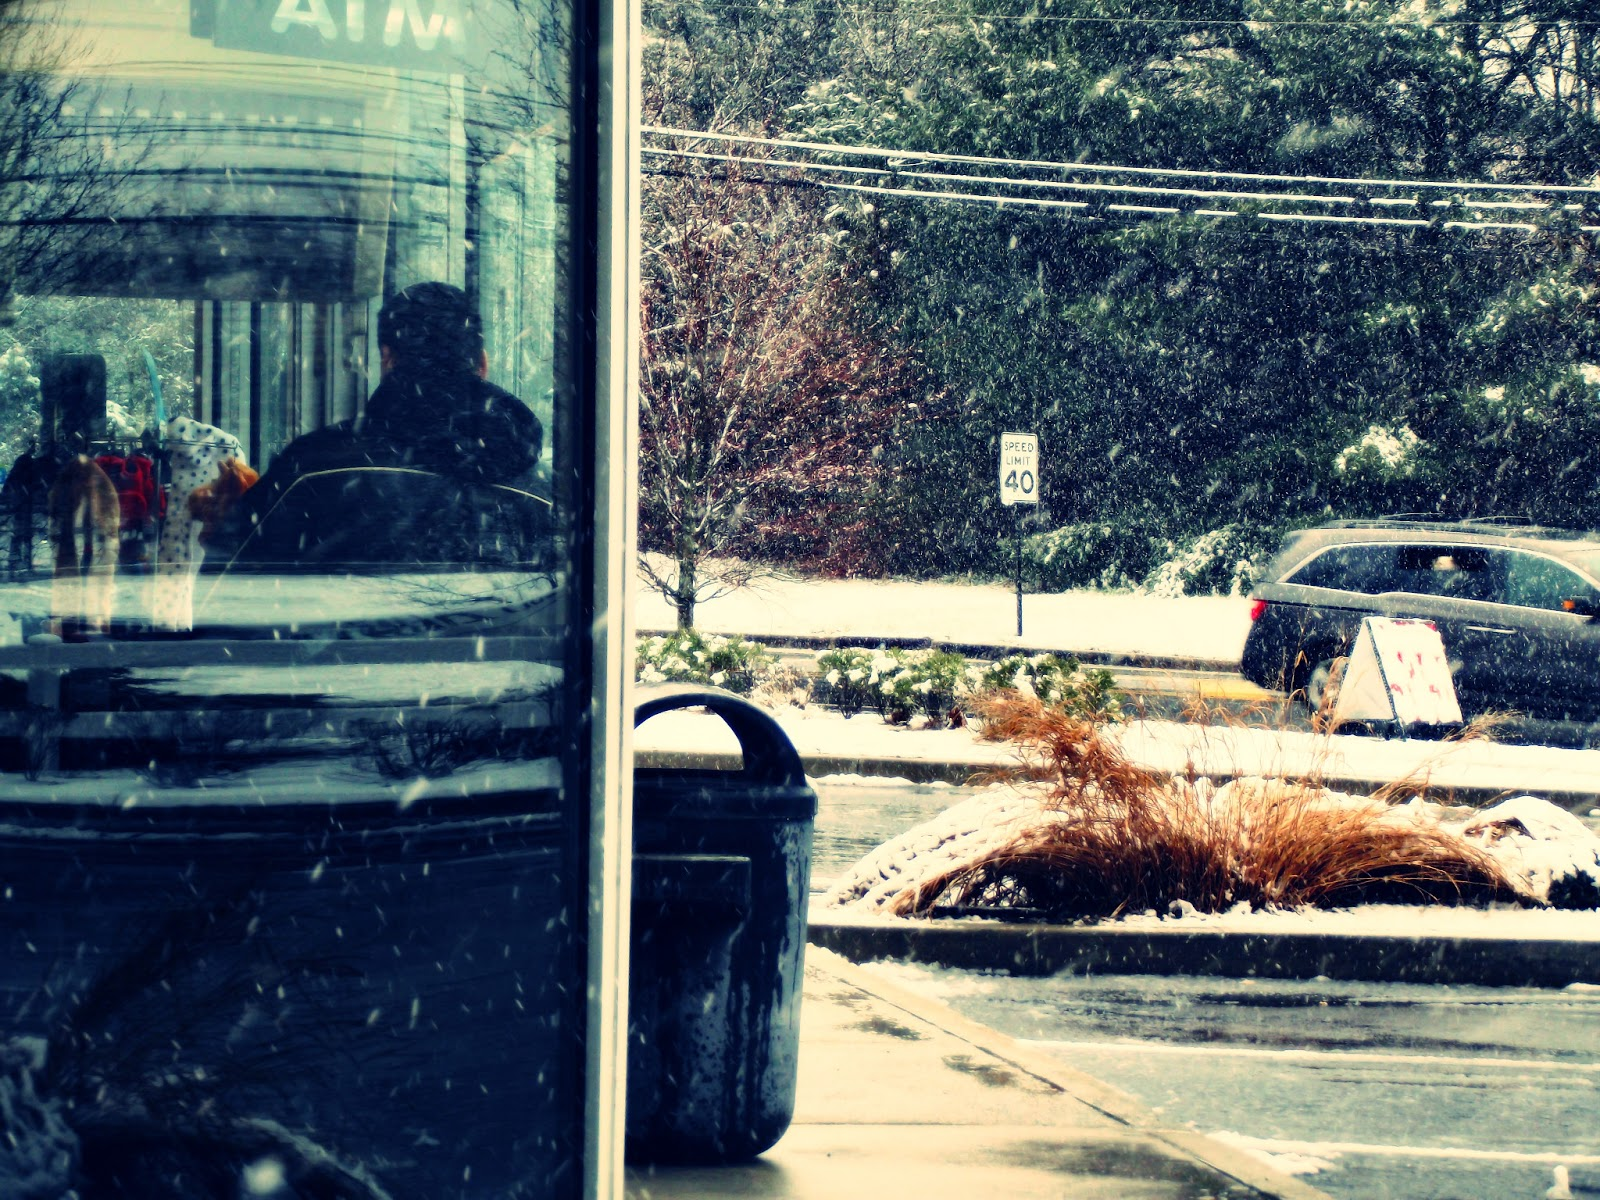 Cvs Mt Laurel >> Ob.Scene in South Jersey